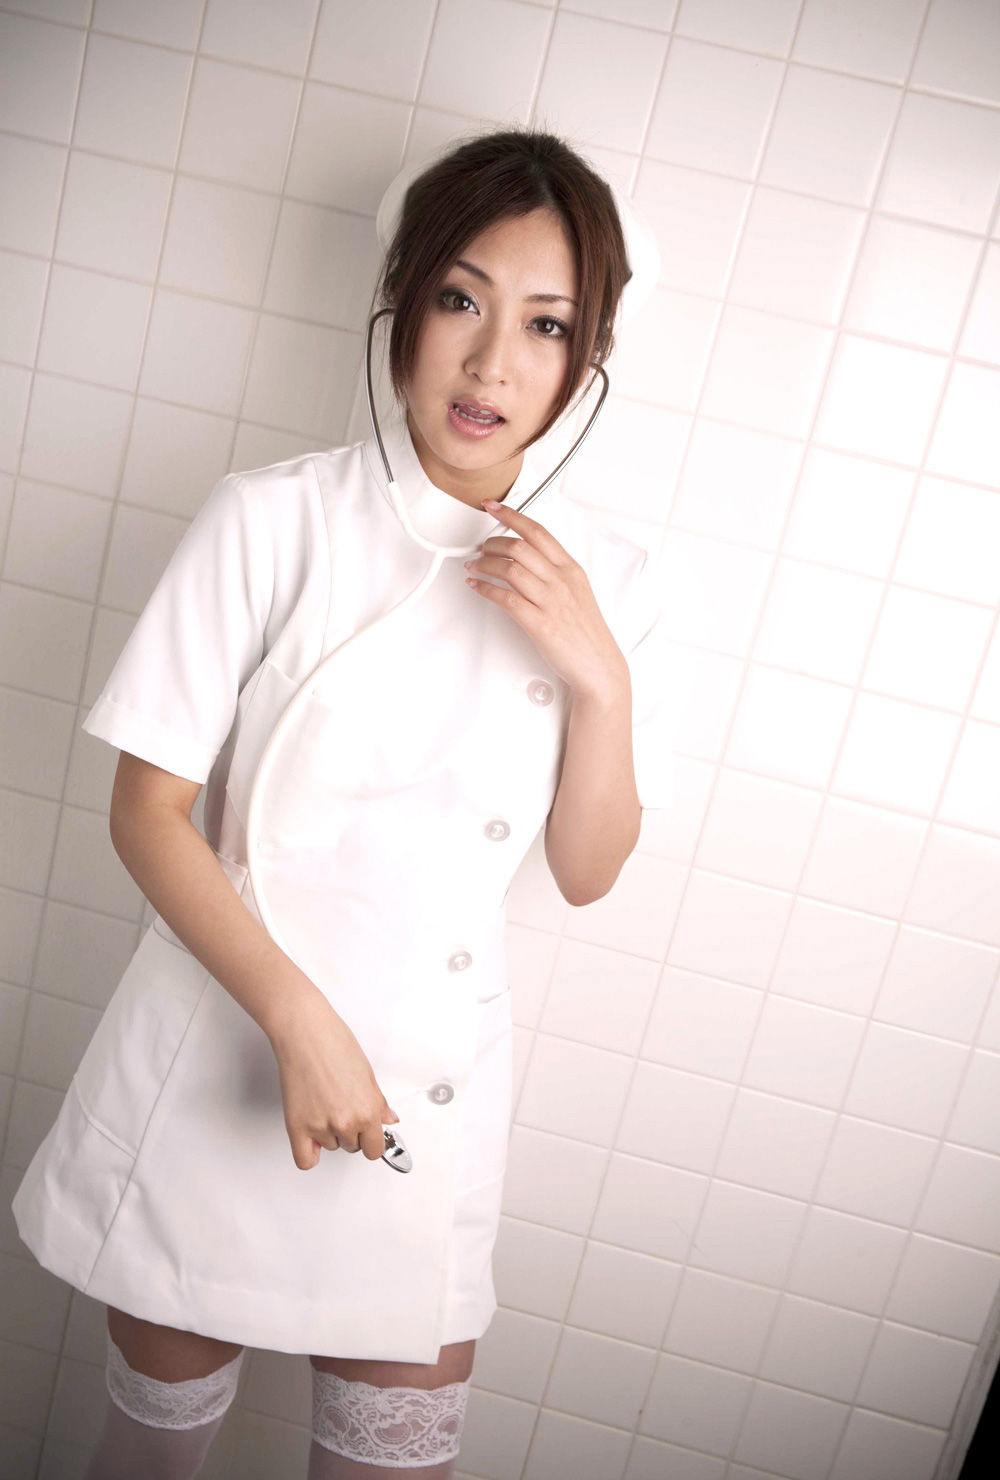 辰巳奈都子 画像 掲示板 29